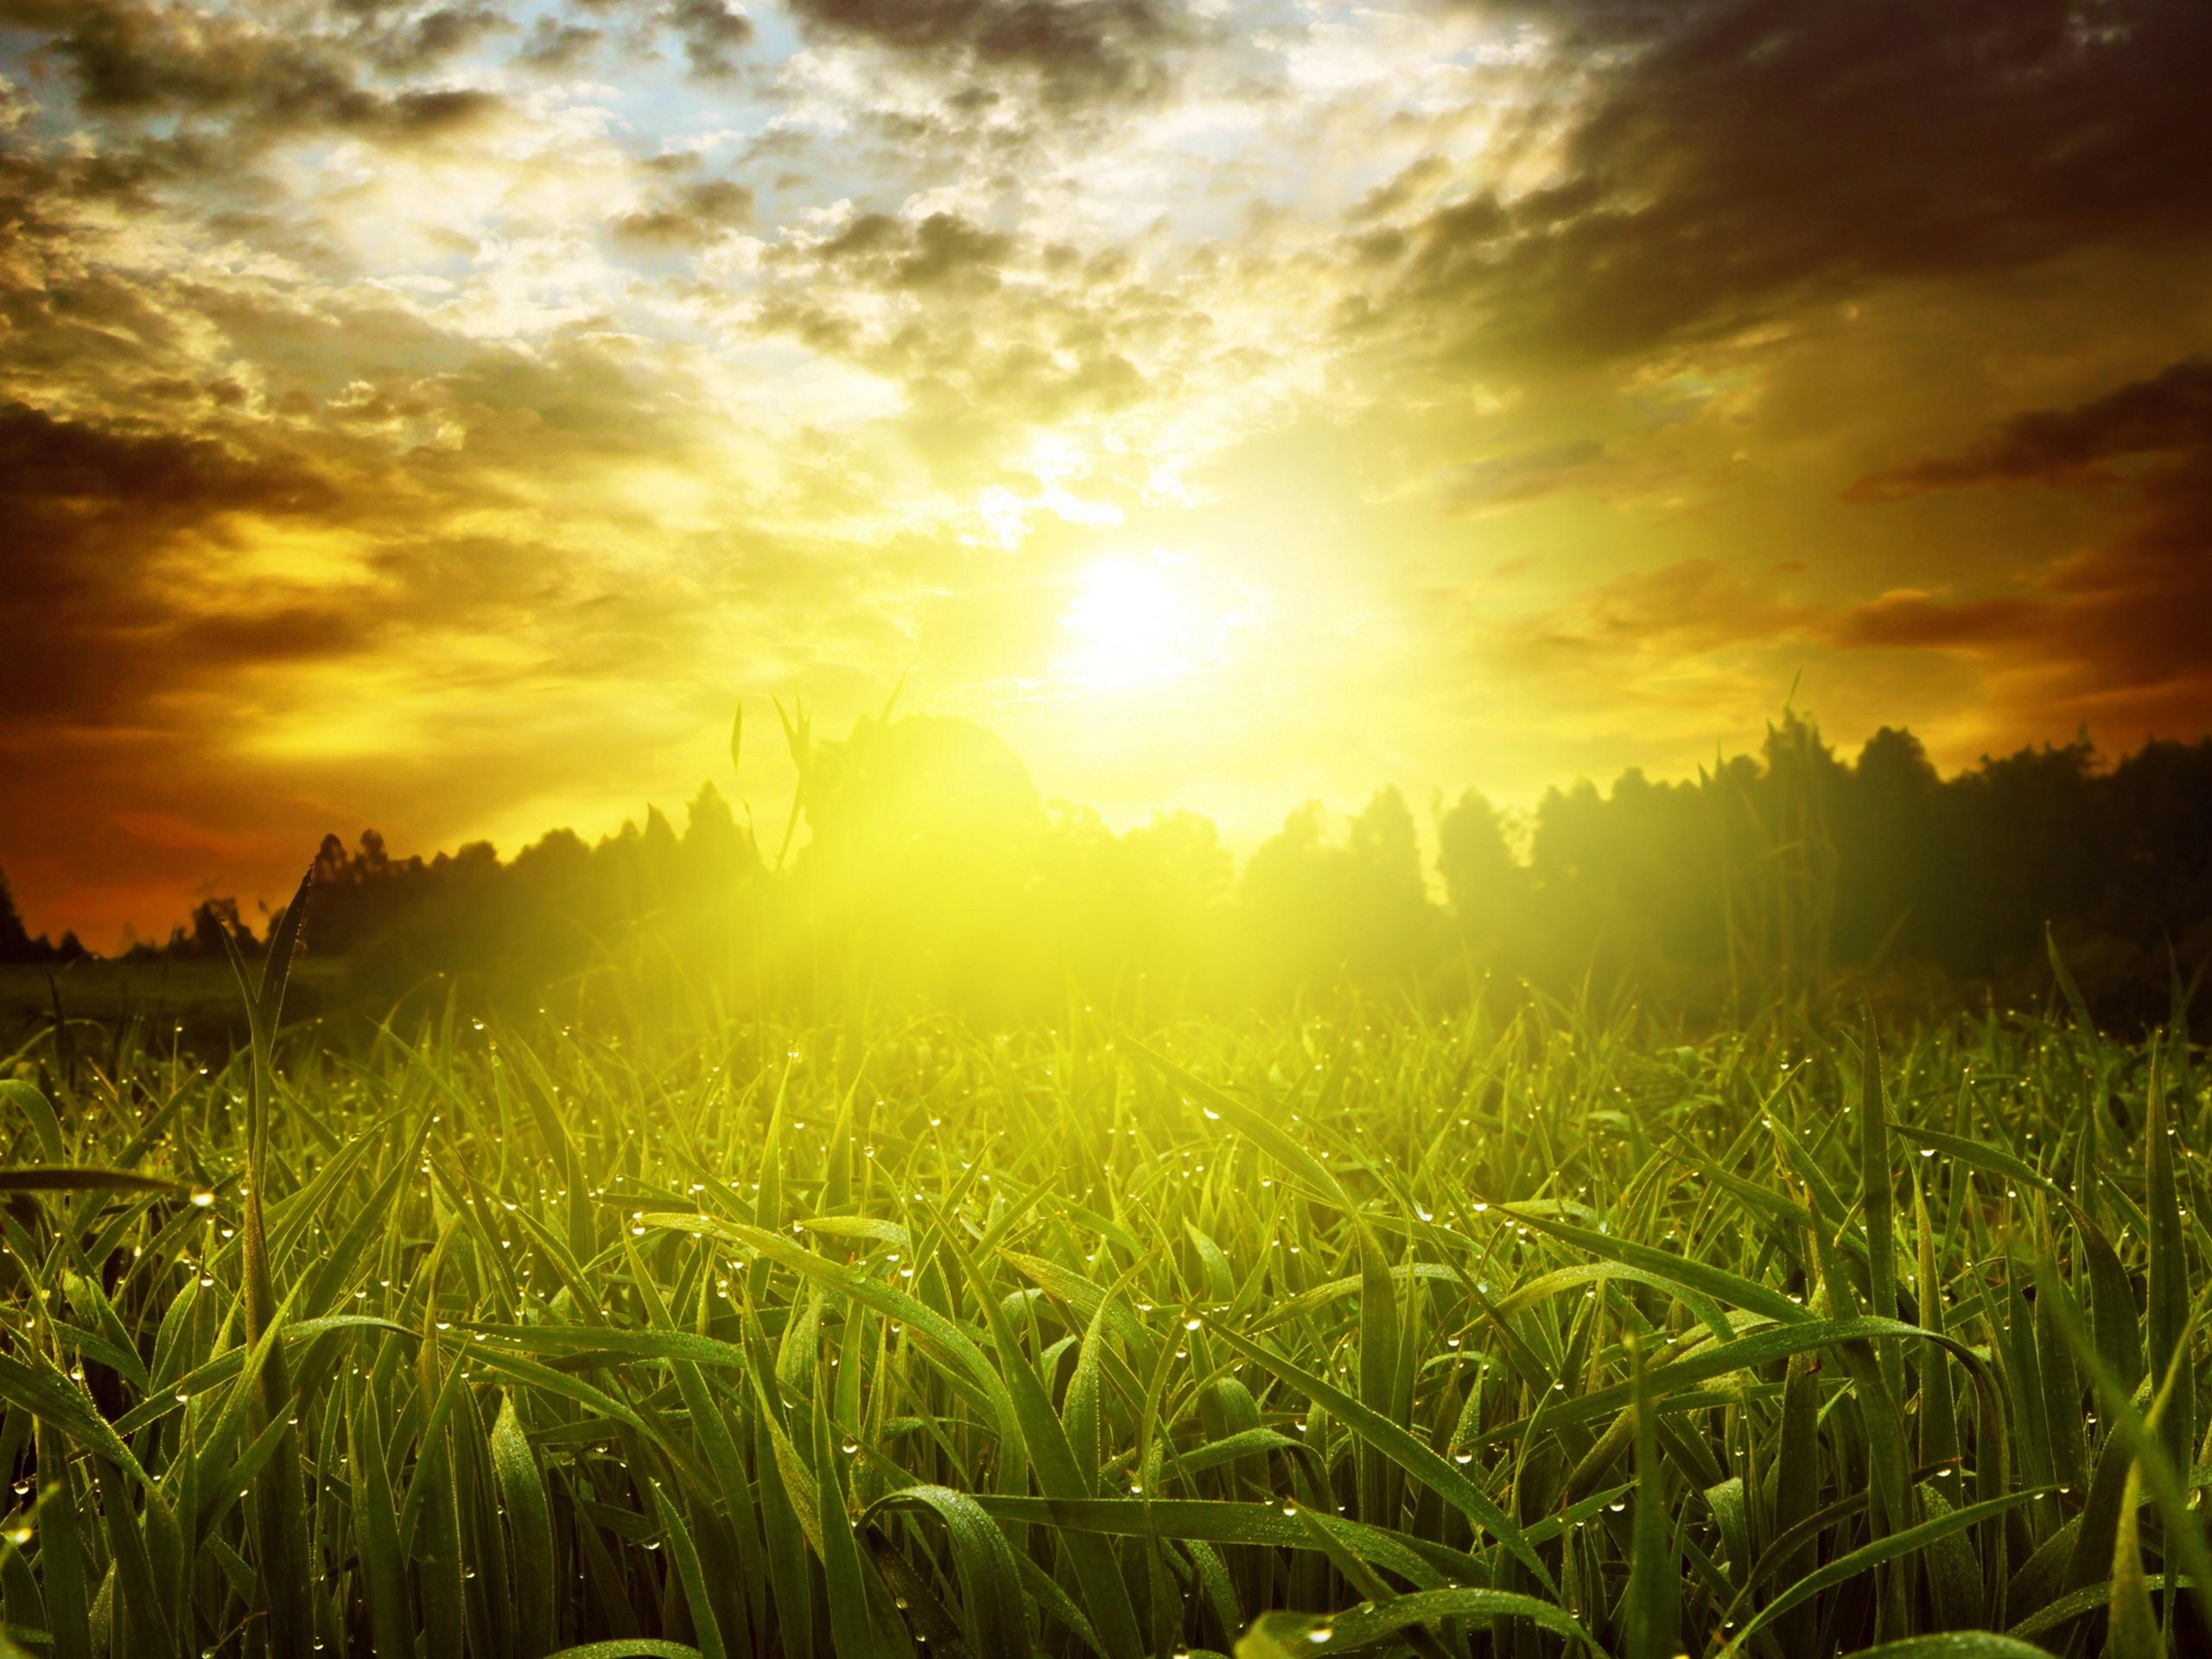 лучи солнца на траве картинки подобных